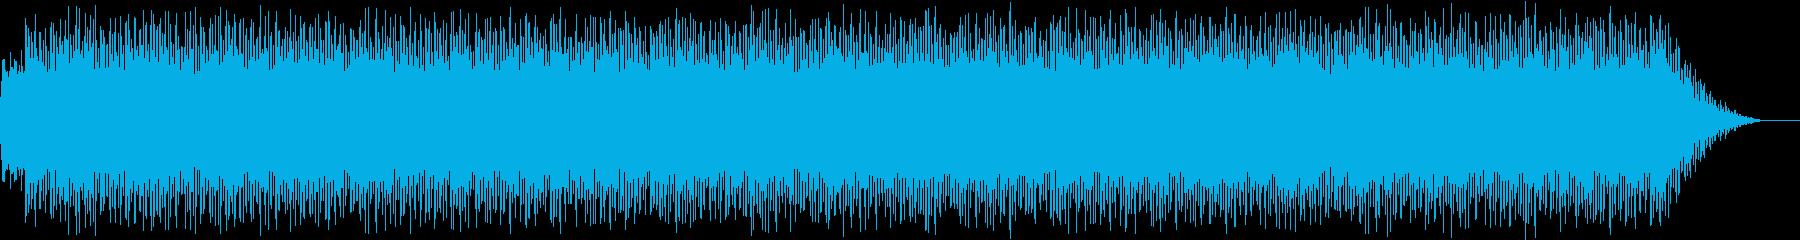 疾走感のある無調エレクトロニカの再生済みの波形